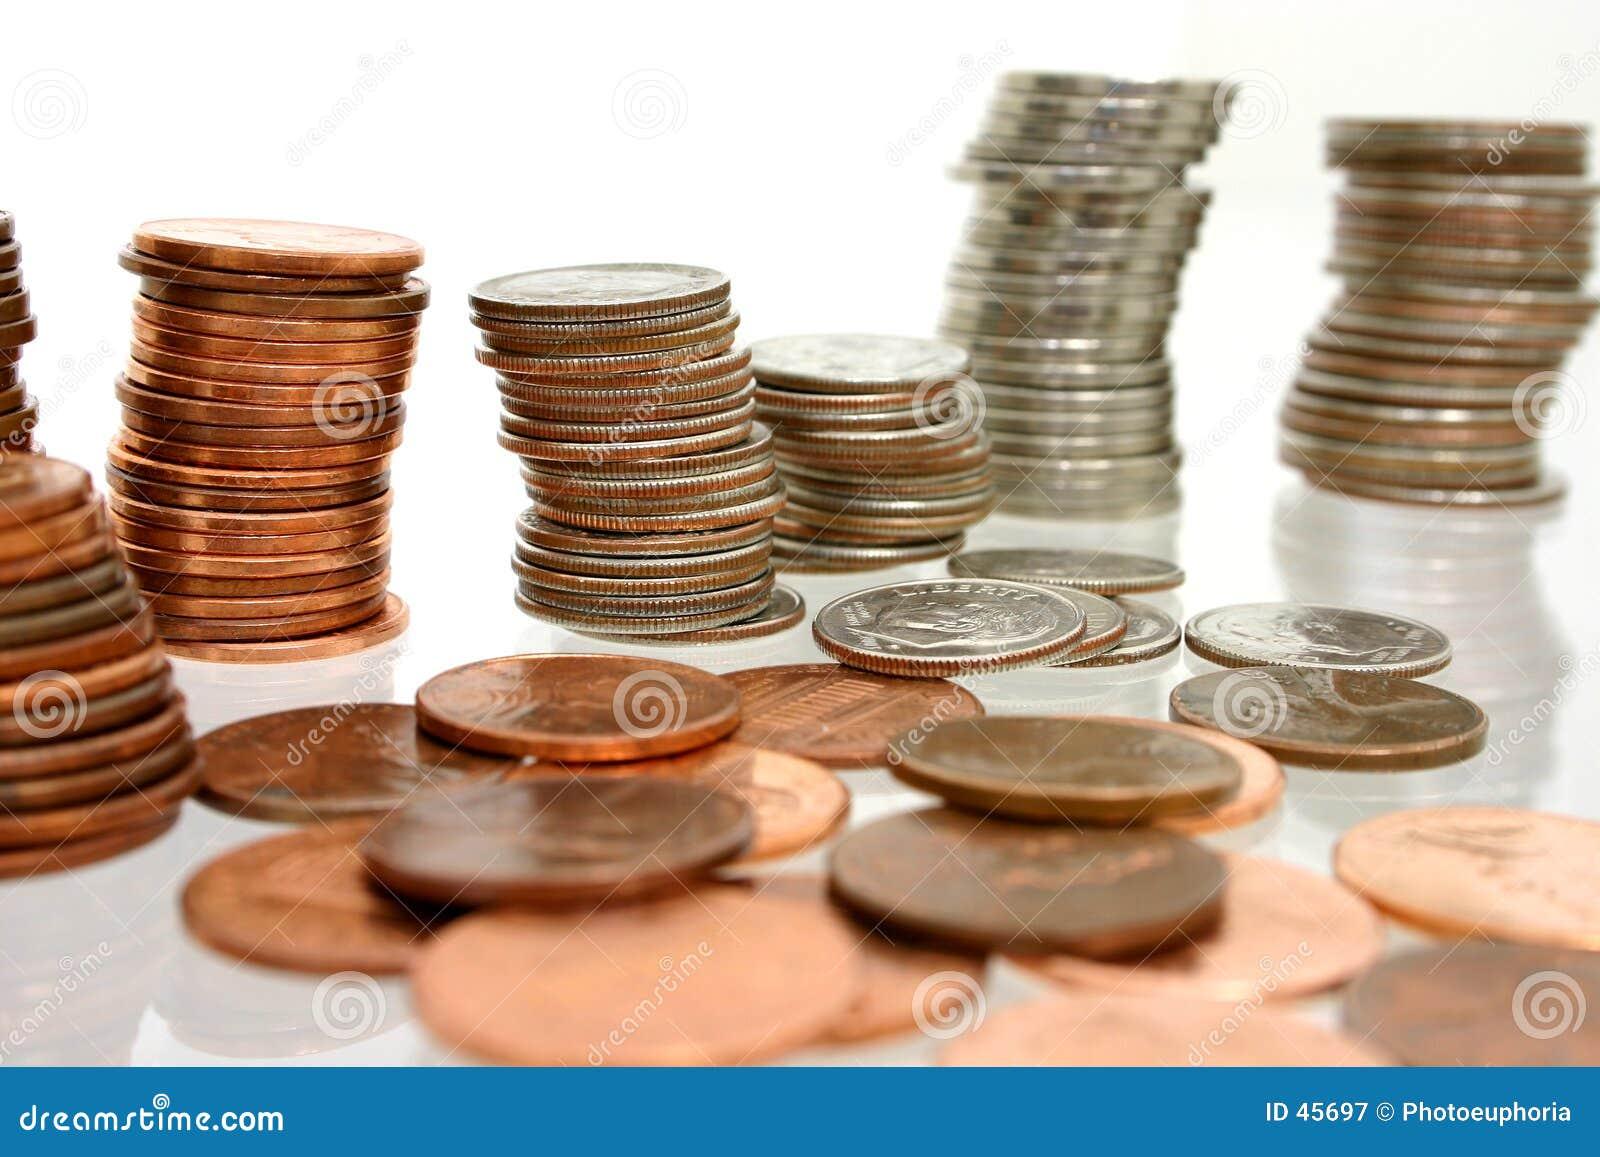 στοίβες χρημάτων νομισμάτων